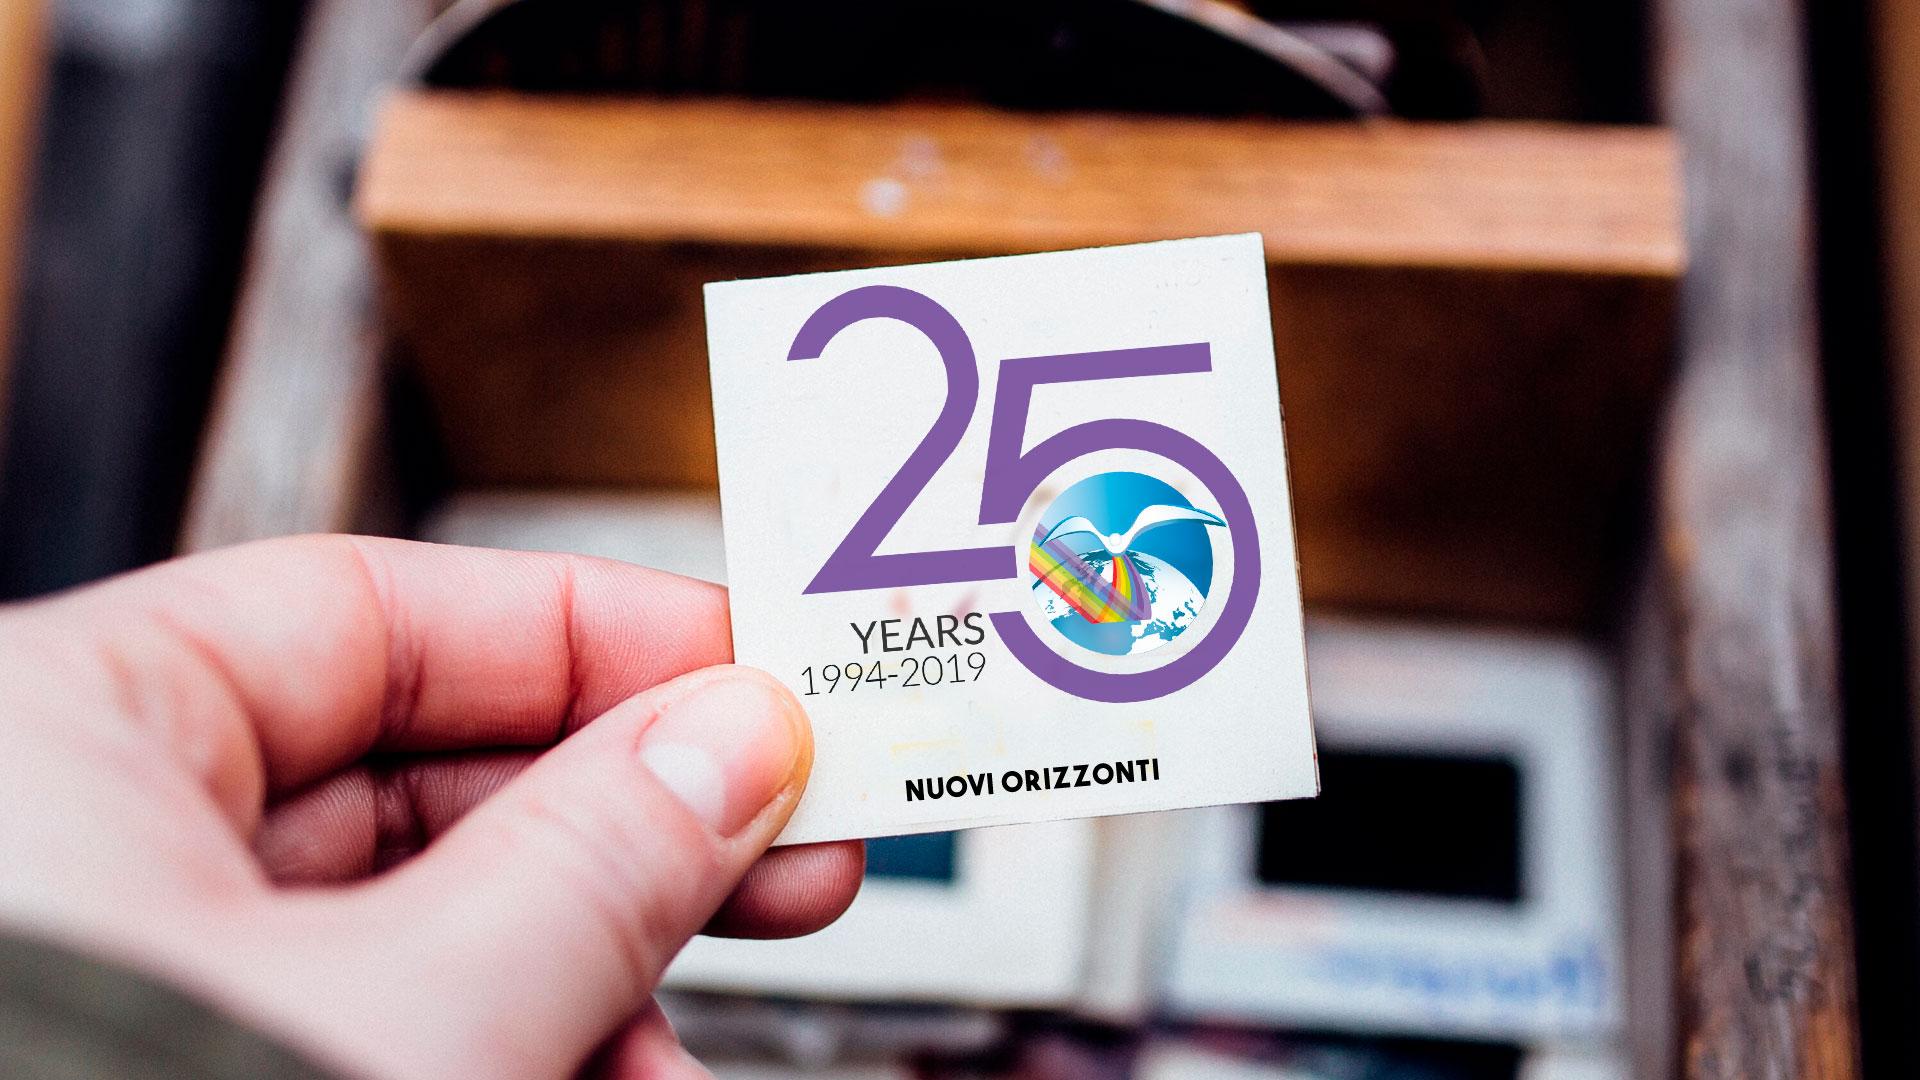 25 Anni, compleanno - Nuovi Orizzonti